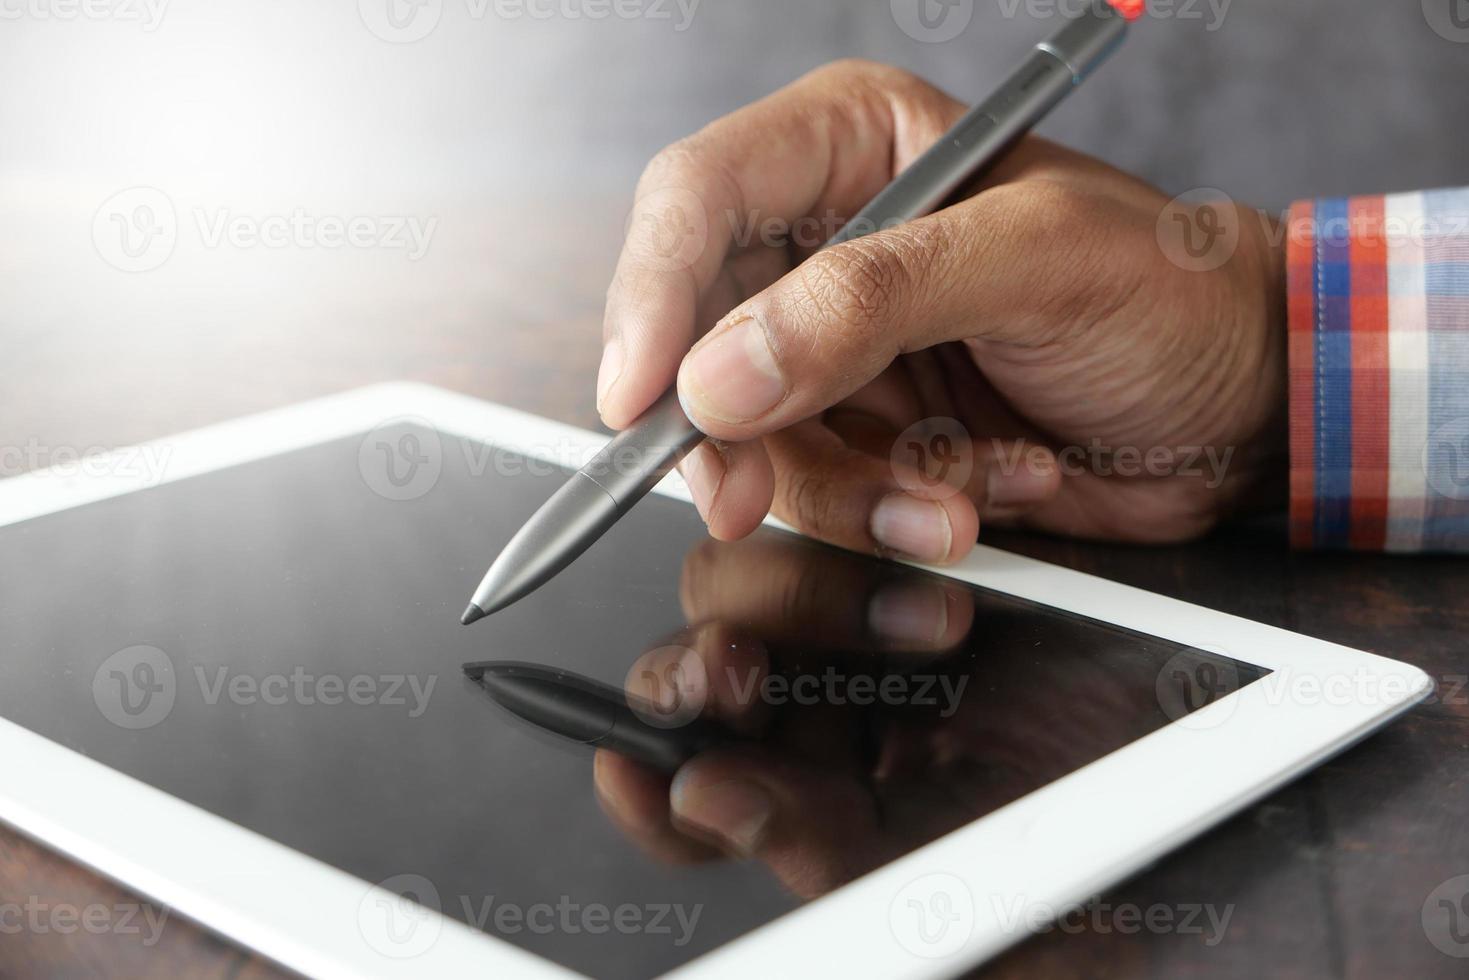 homem usando caneta em tablet digital foto